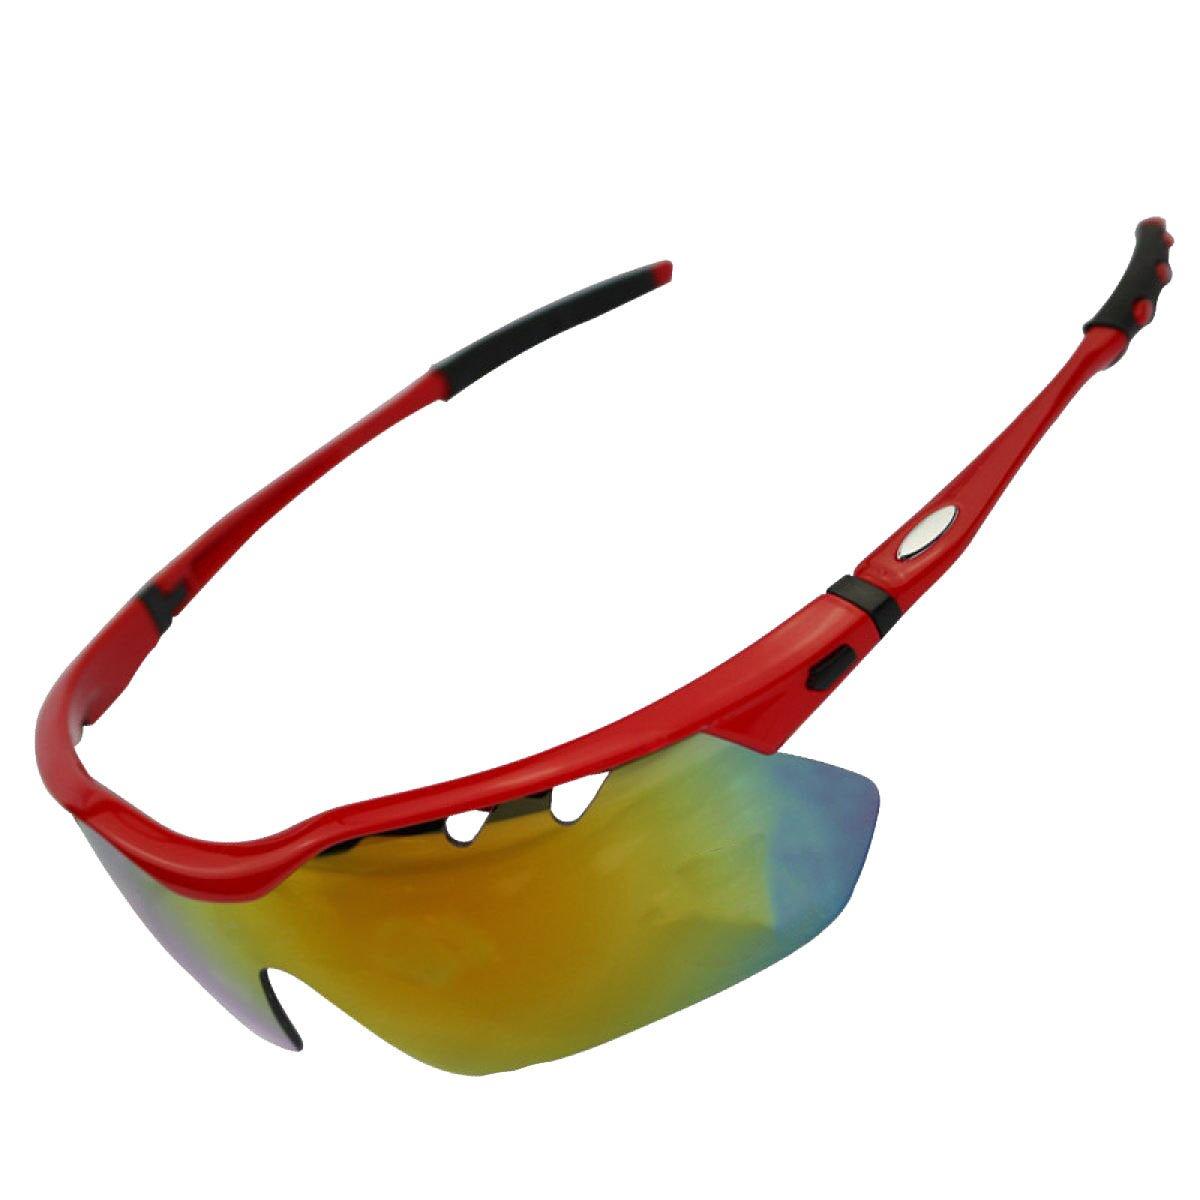 KUWOMINI. UV-Schutz Im Freien Sport-Sonnenbrille,12-AllCode